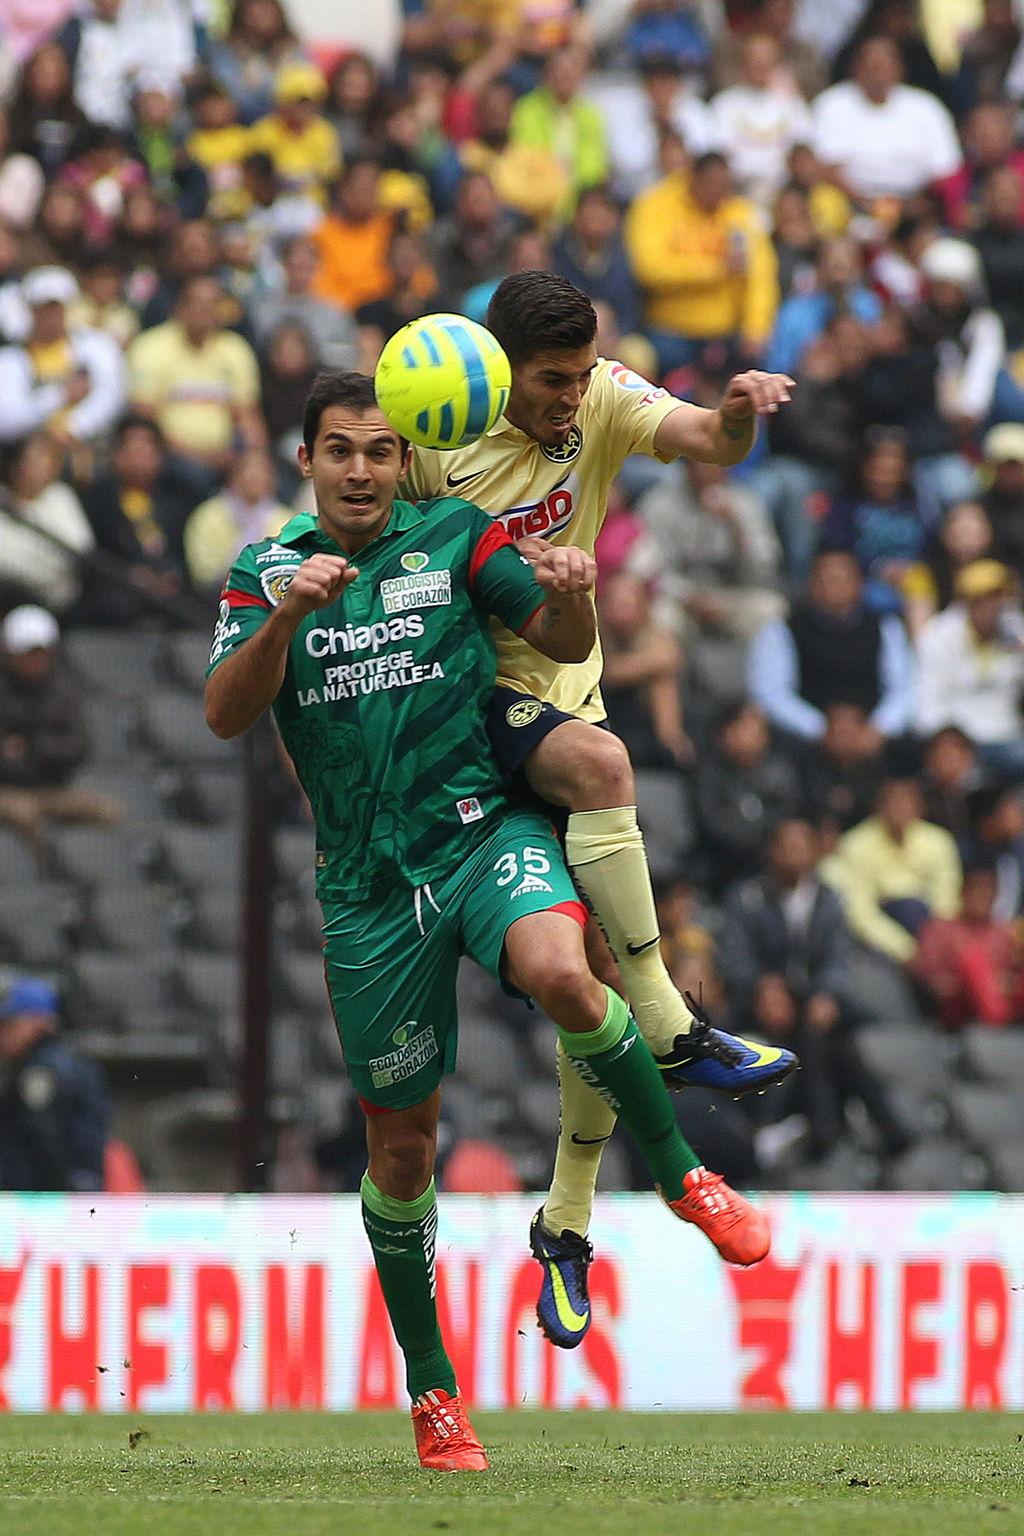 Armenteros y Andrade llegan a Guerreros